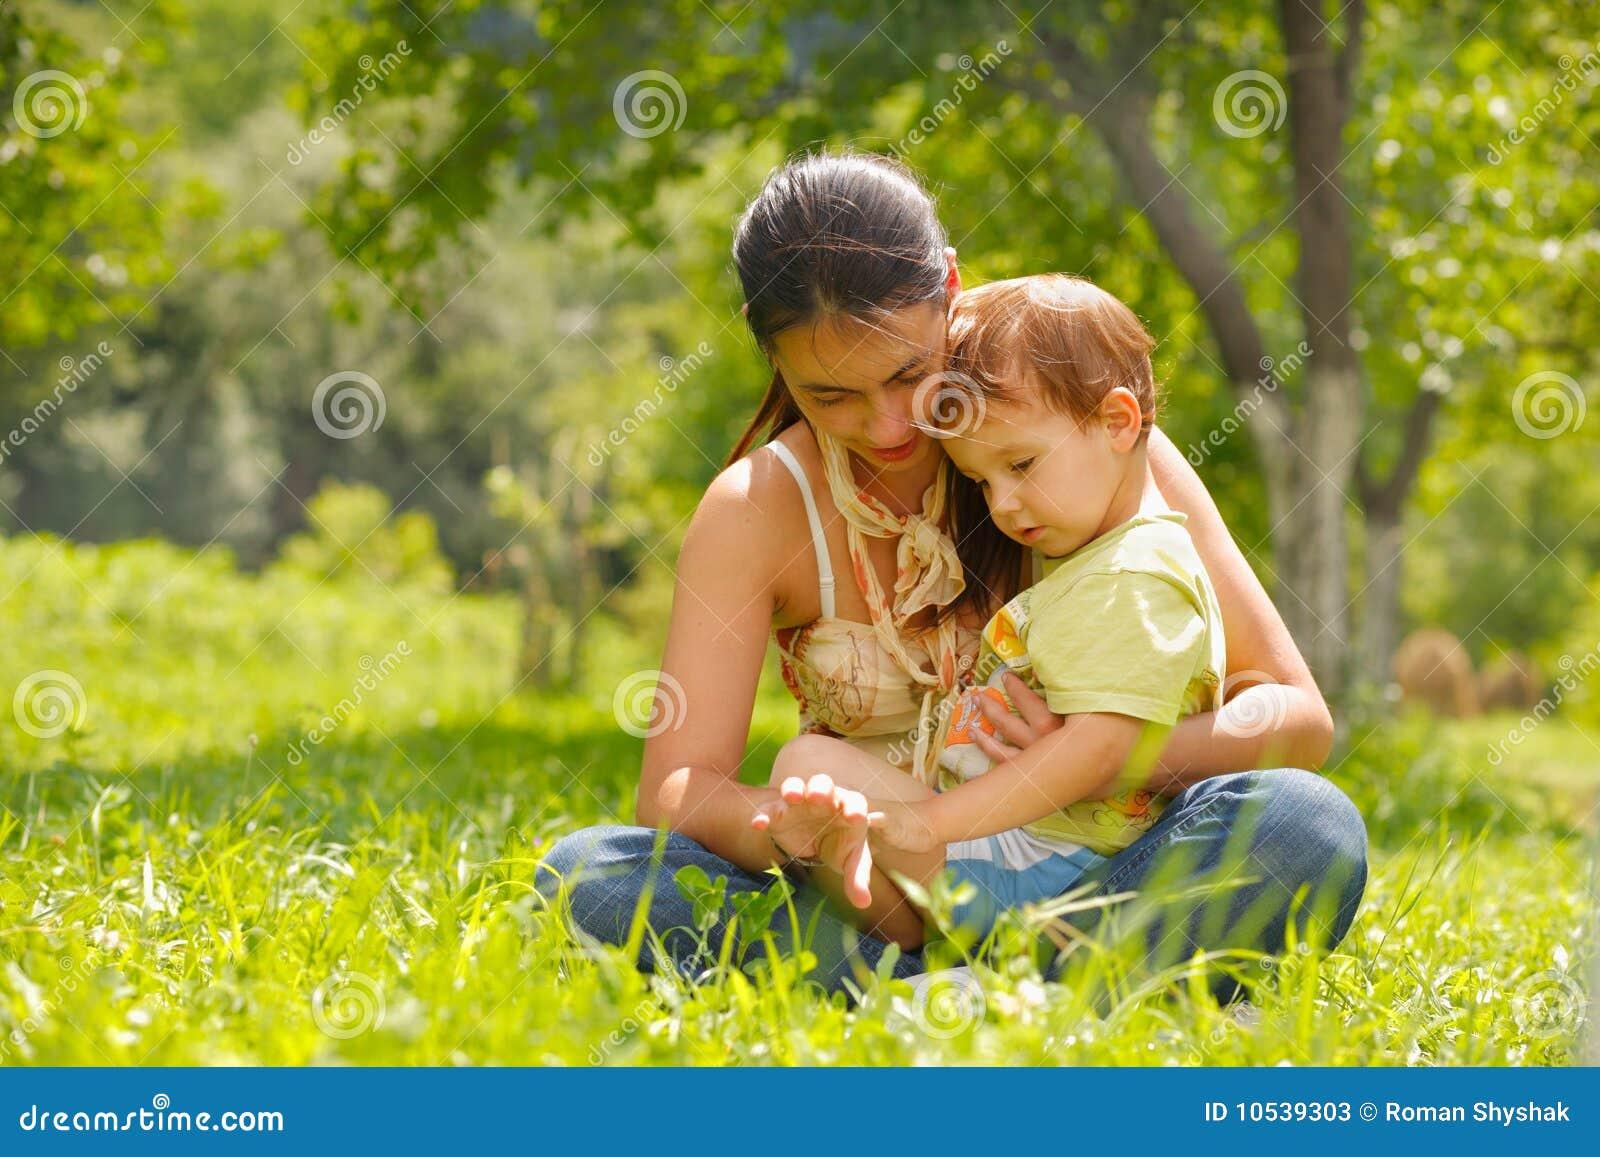 14 madre e hijo - photo #22